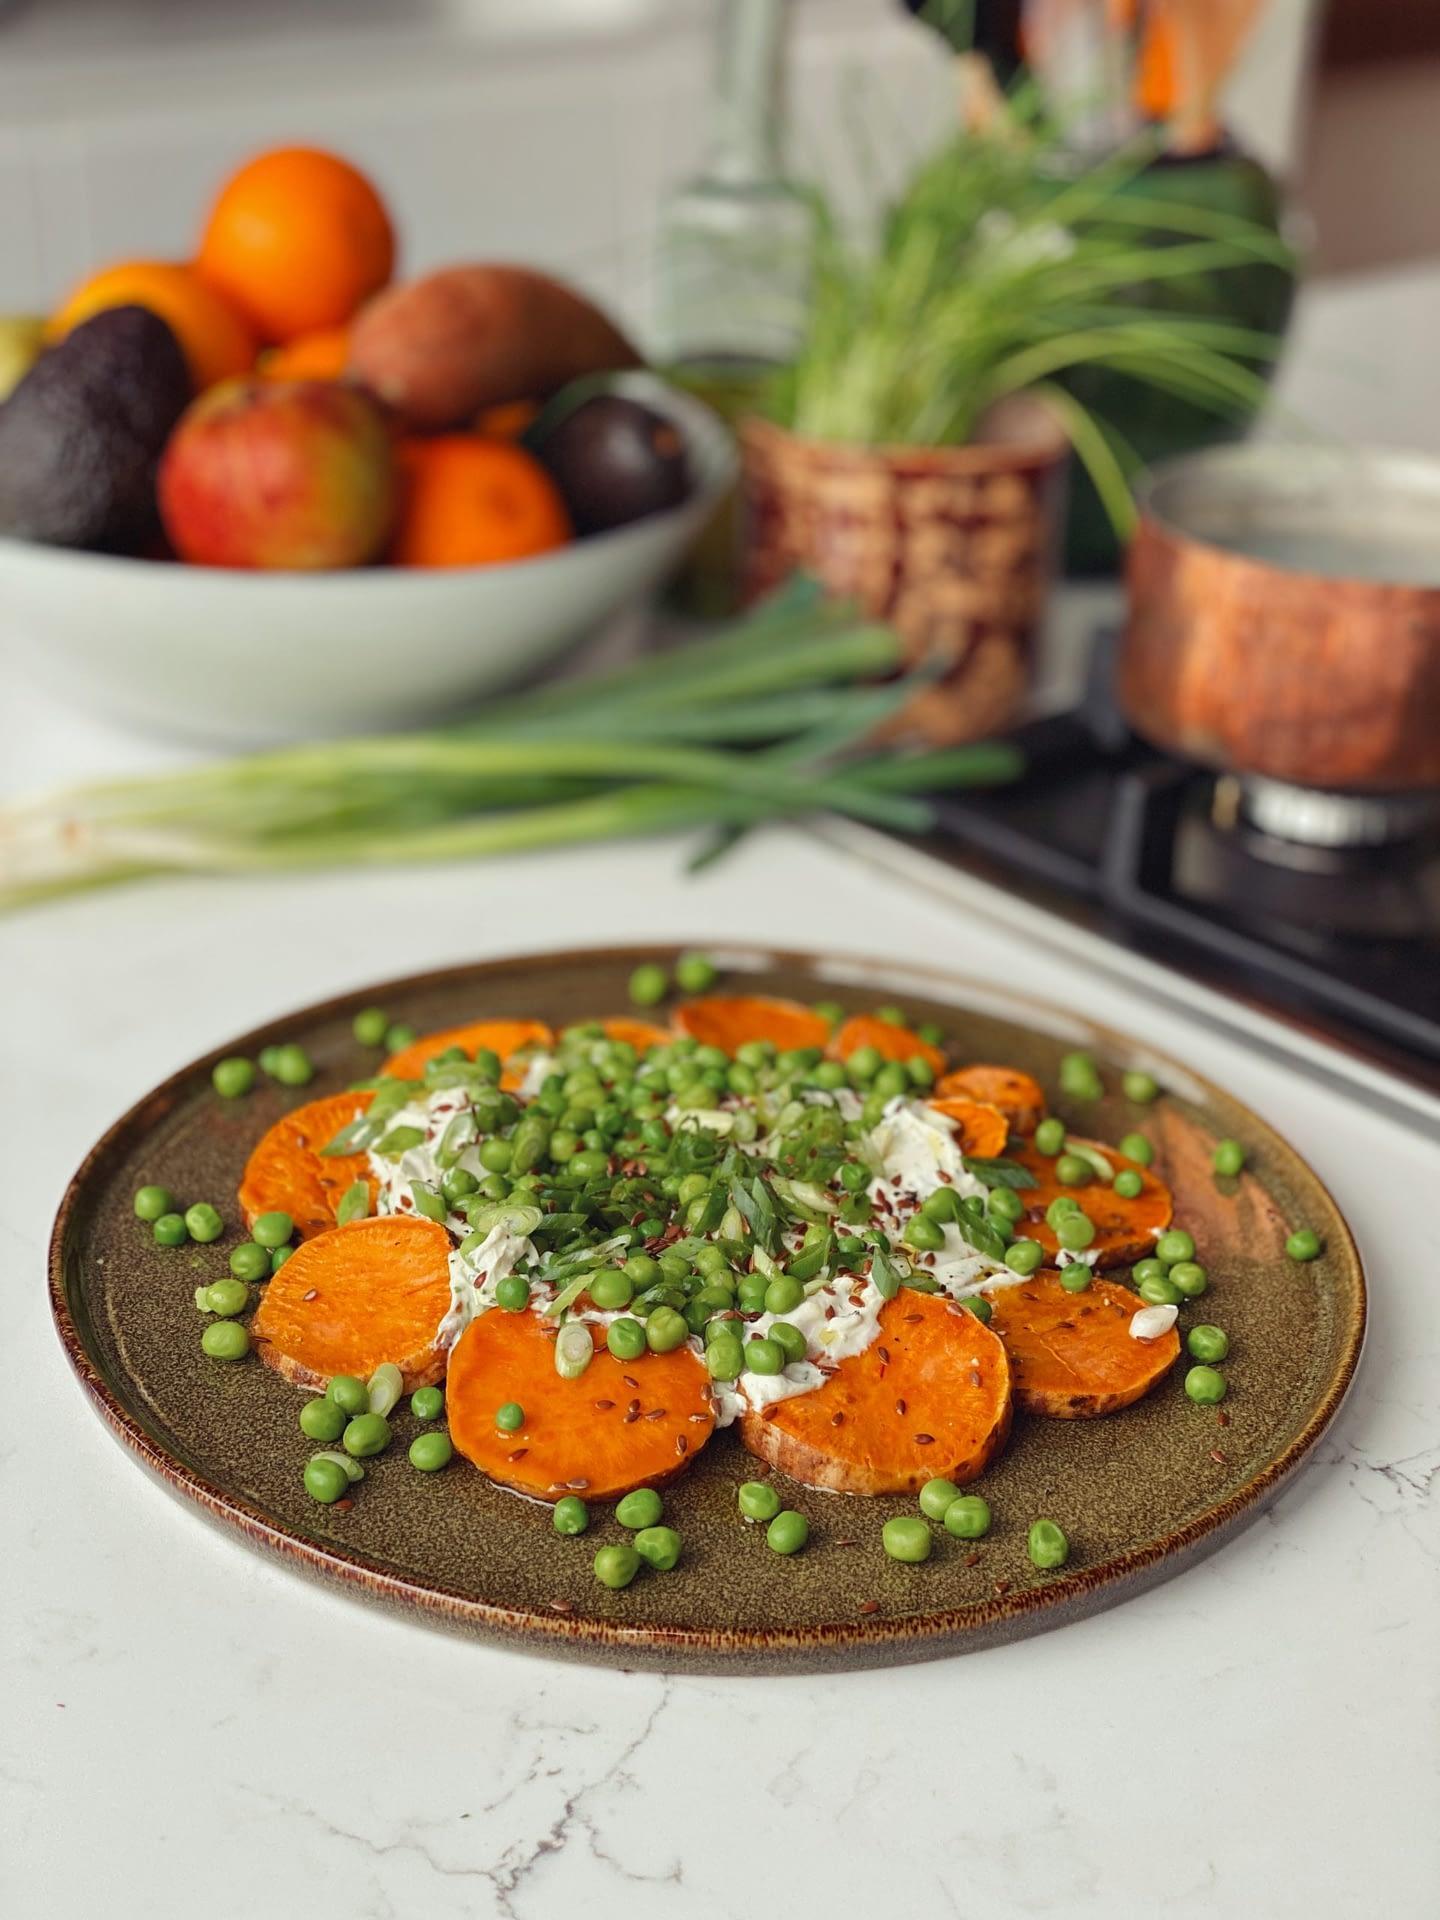 Salade de patates douces, fromage frais et petits pois